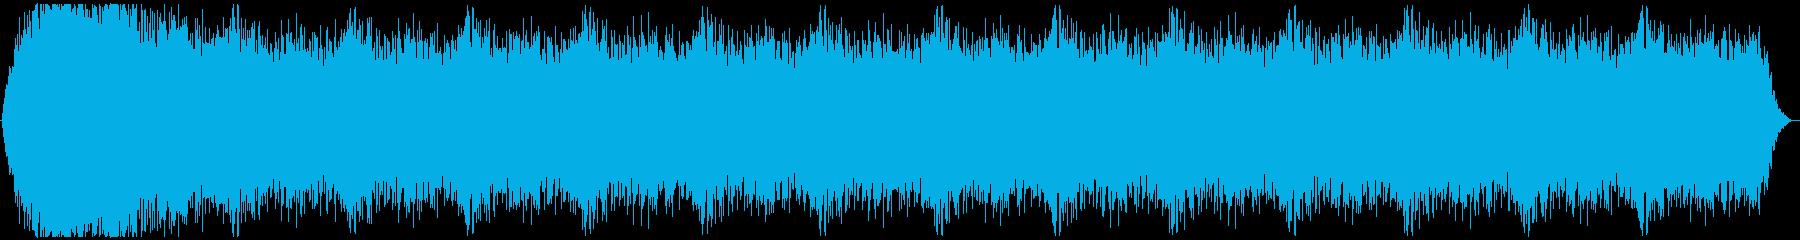 ドローン ストームハイ03の再生済みの波形